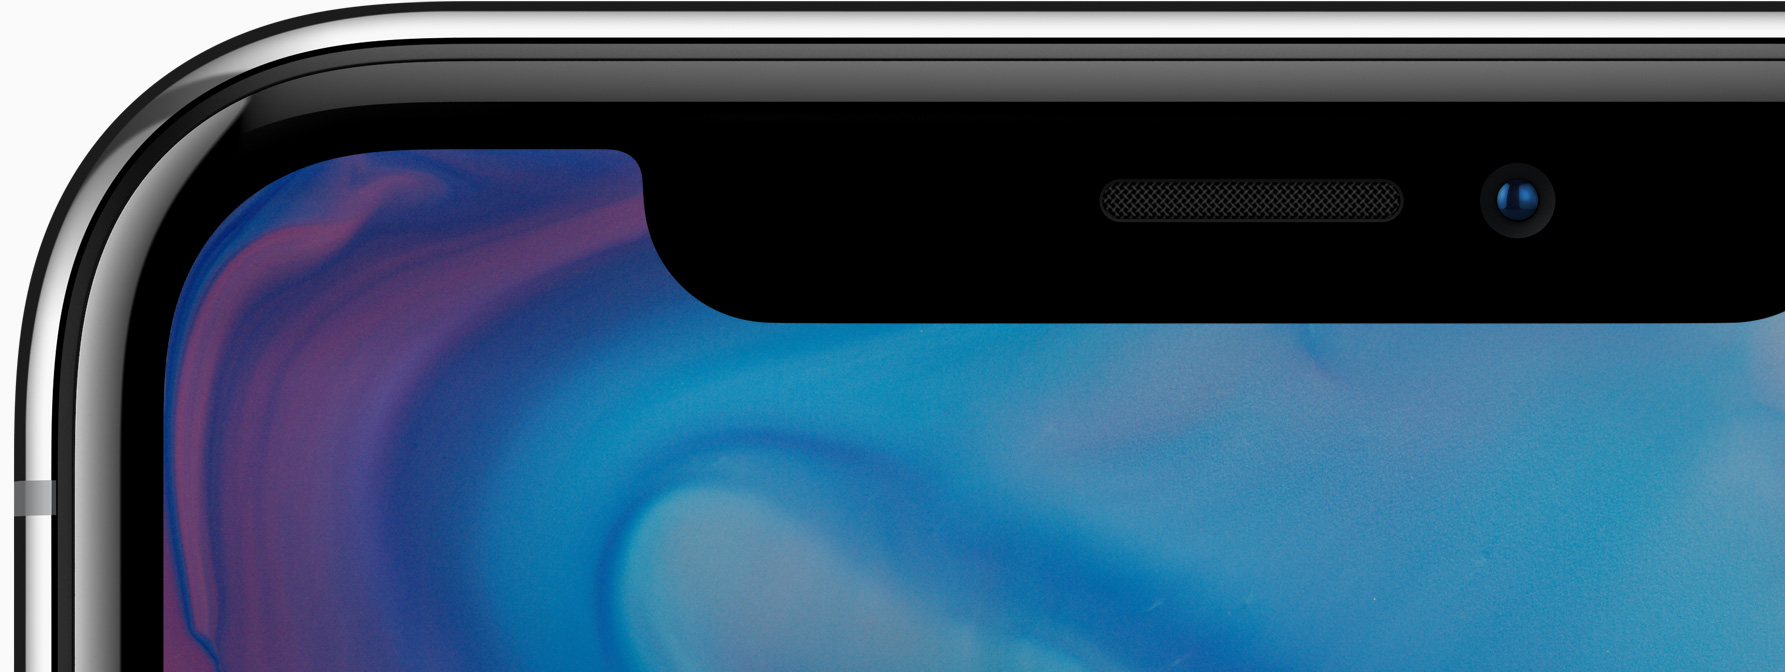 iPhone10P